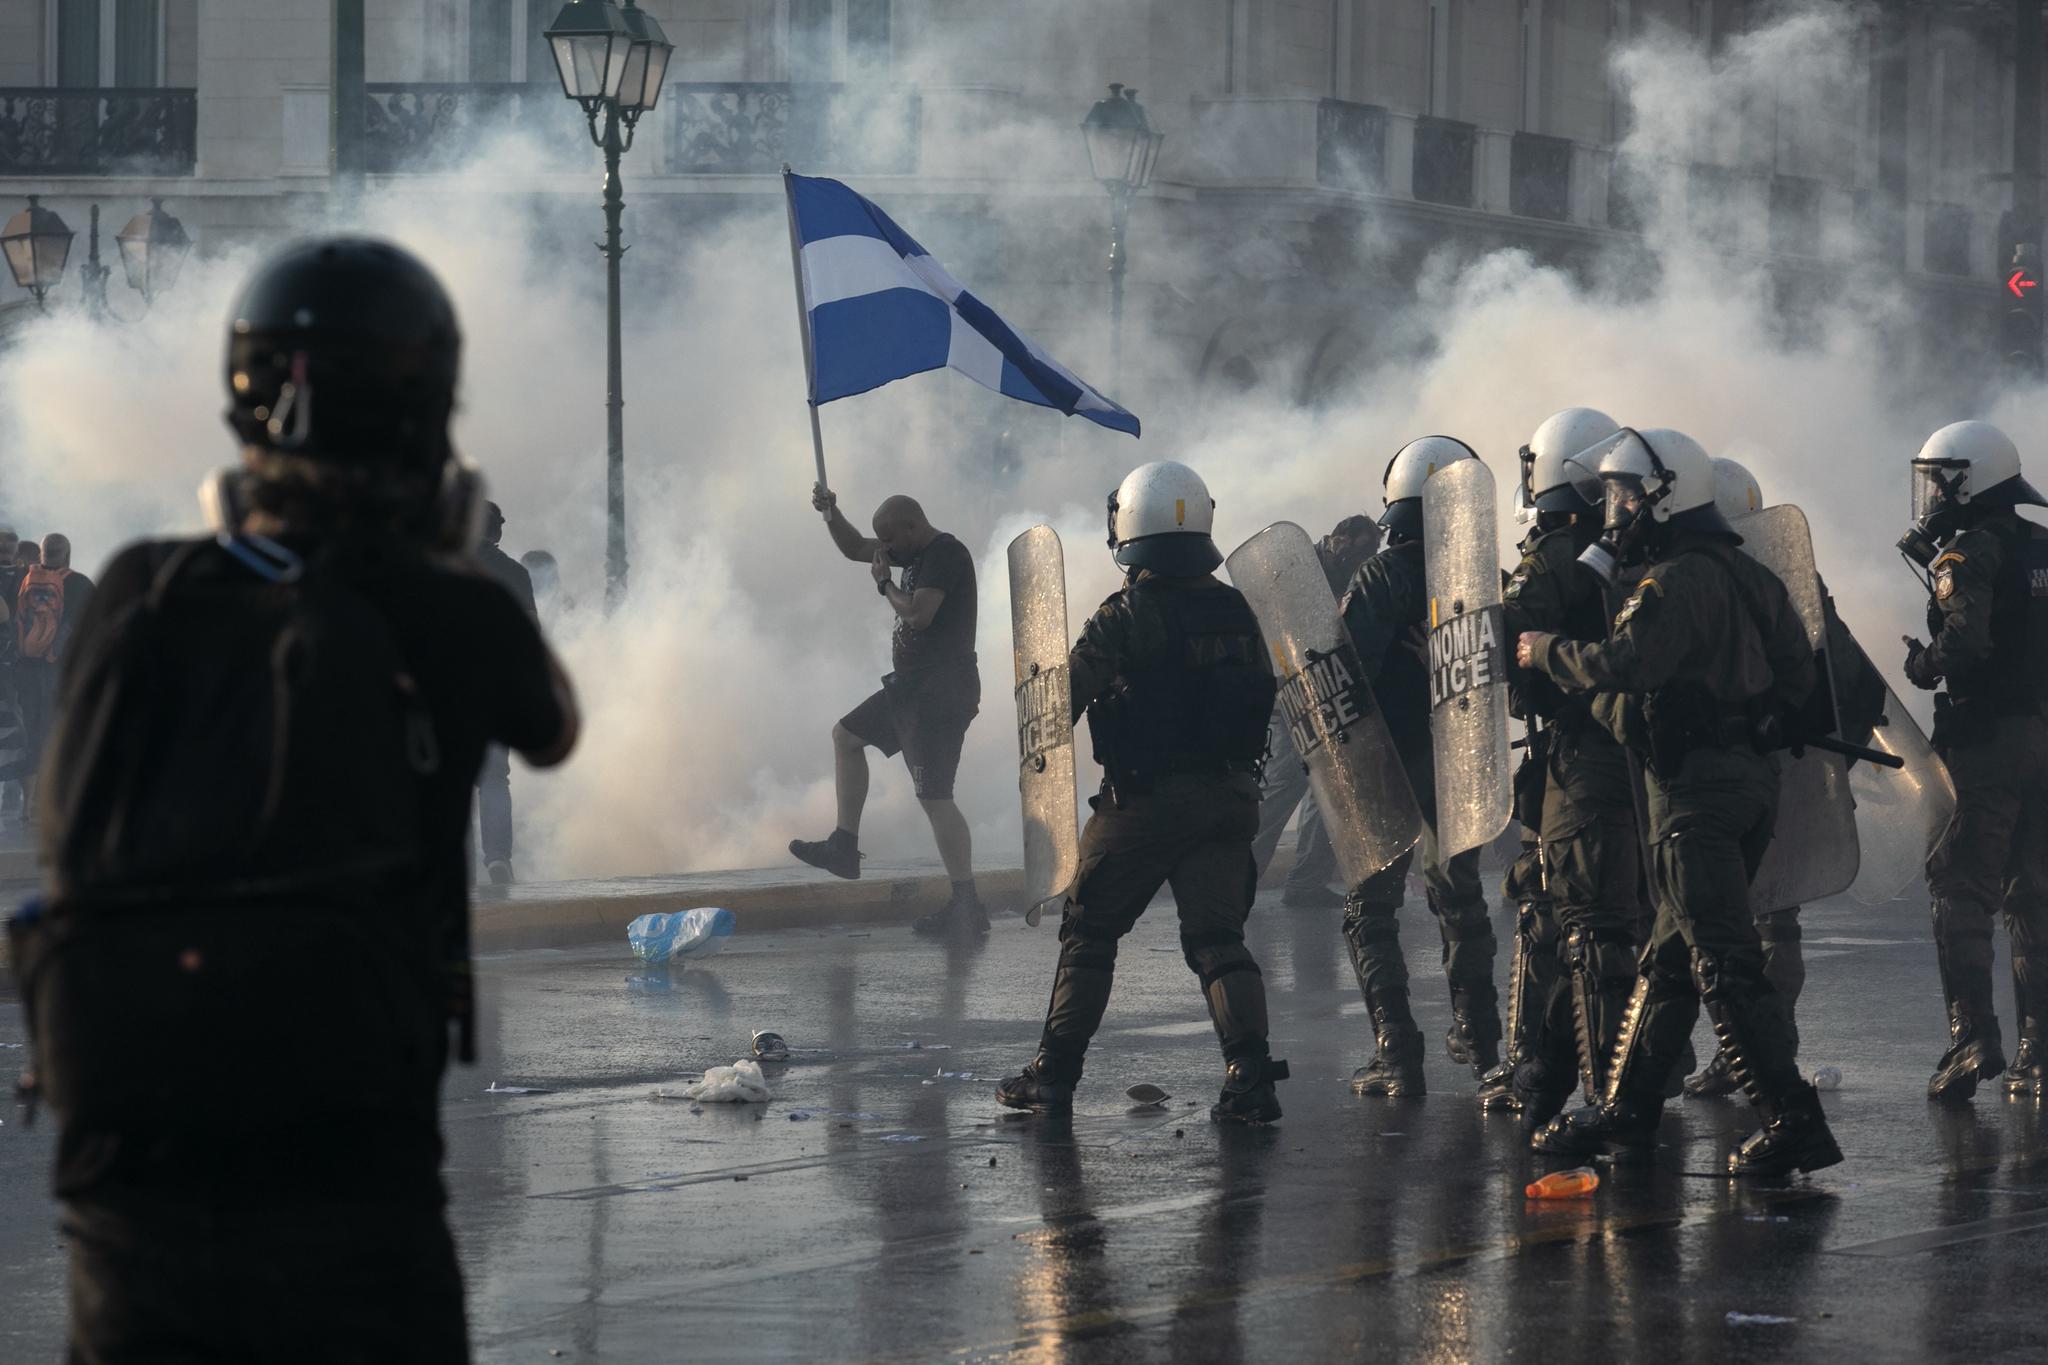 그리스 경찰이 21일(현지시각) 수도 아테네 도심 국회의사당 광장에서 코로나 백신 반대 시위대를 향해 최루탄을 쏘고 있다. 이날 수천명의 그리스 시민이 정부의 백신 접종 확대 정책에 반대하는 시위에 참여했다. 현재 그리스의 백신 접종 완료율은 약 45% 수준이다. AP=연합뉴스